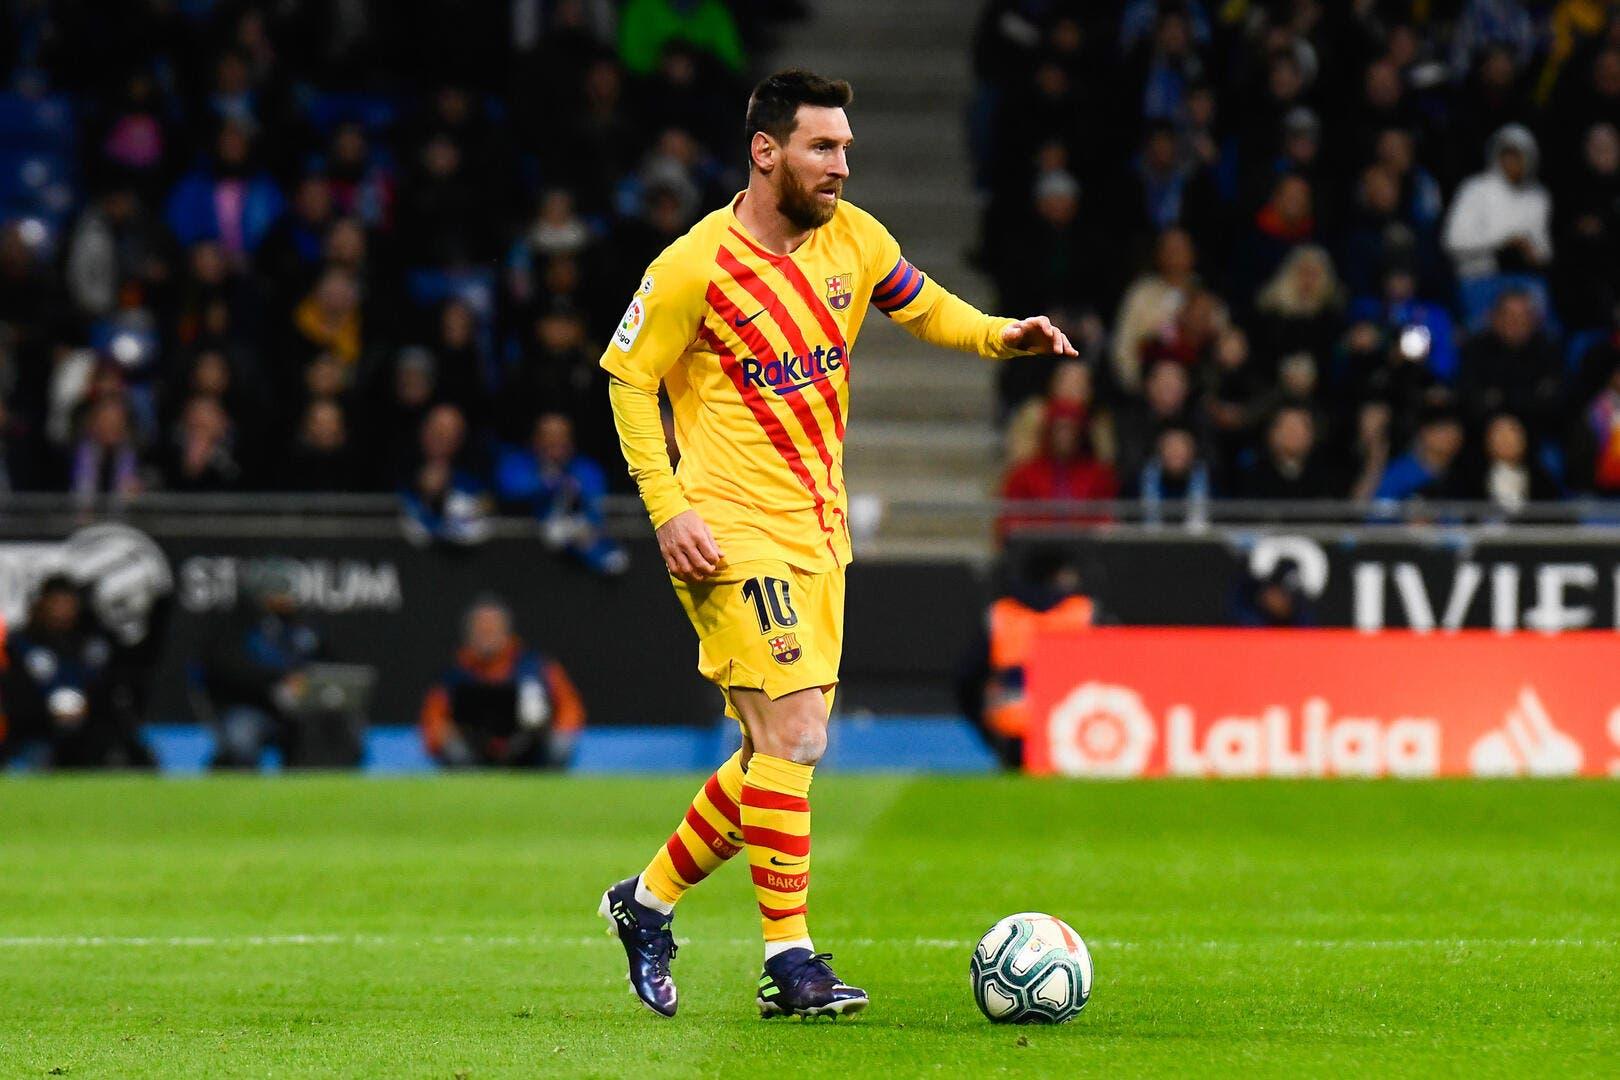 Barça : Révolution, Lionel Messi va changer son jeu